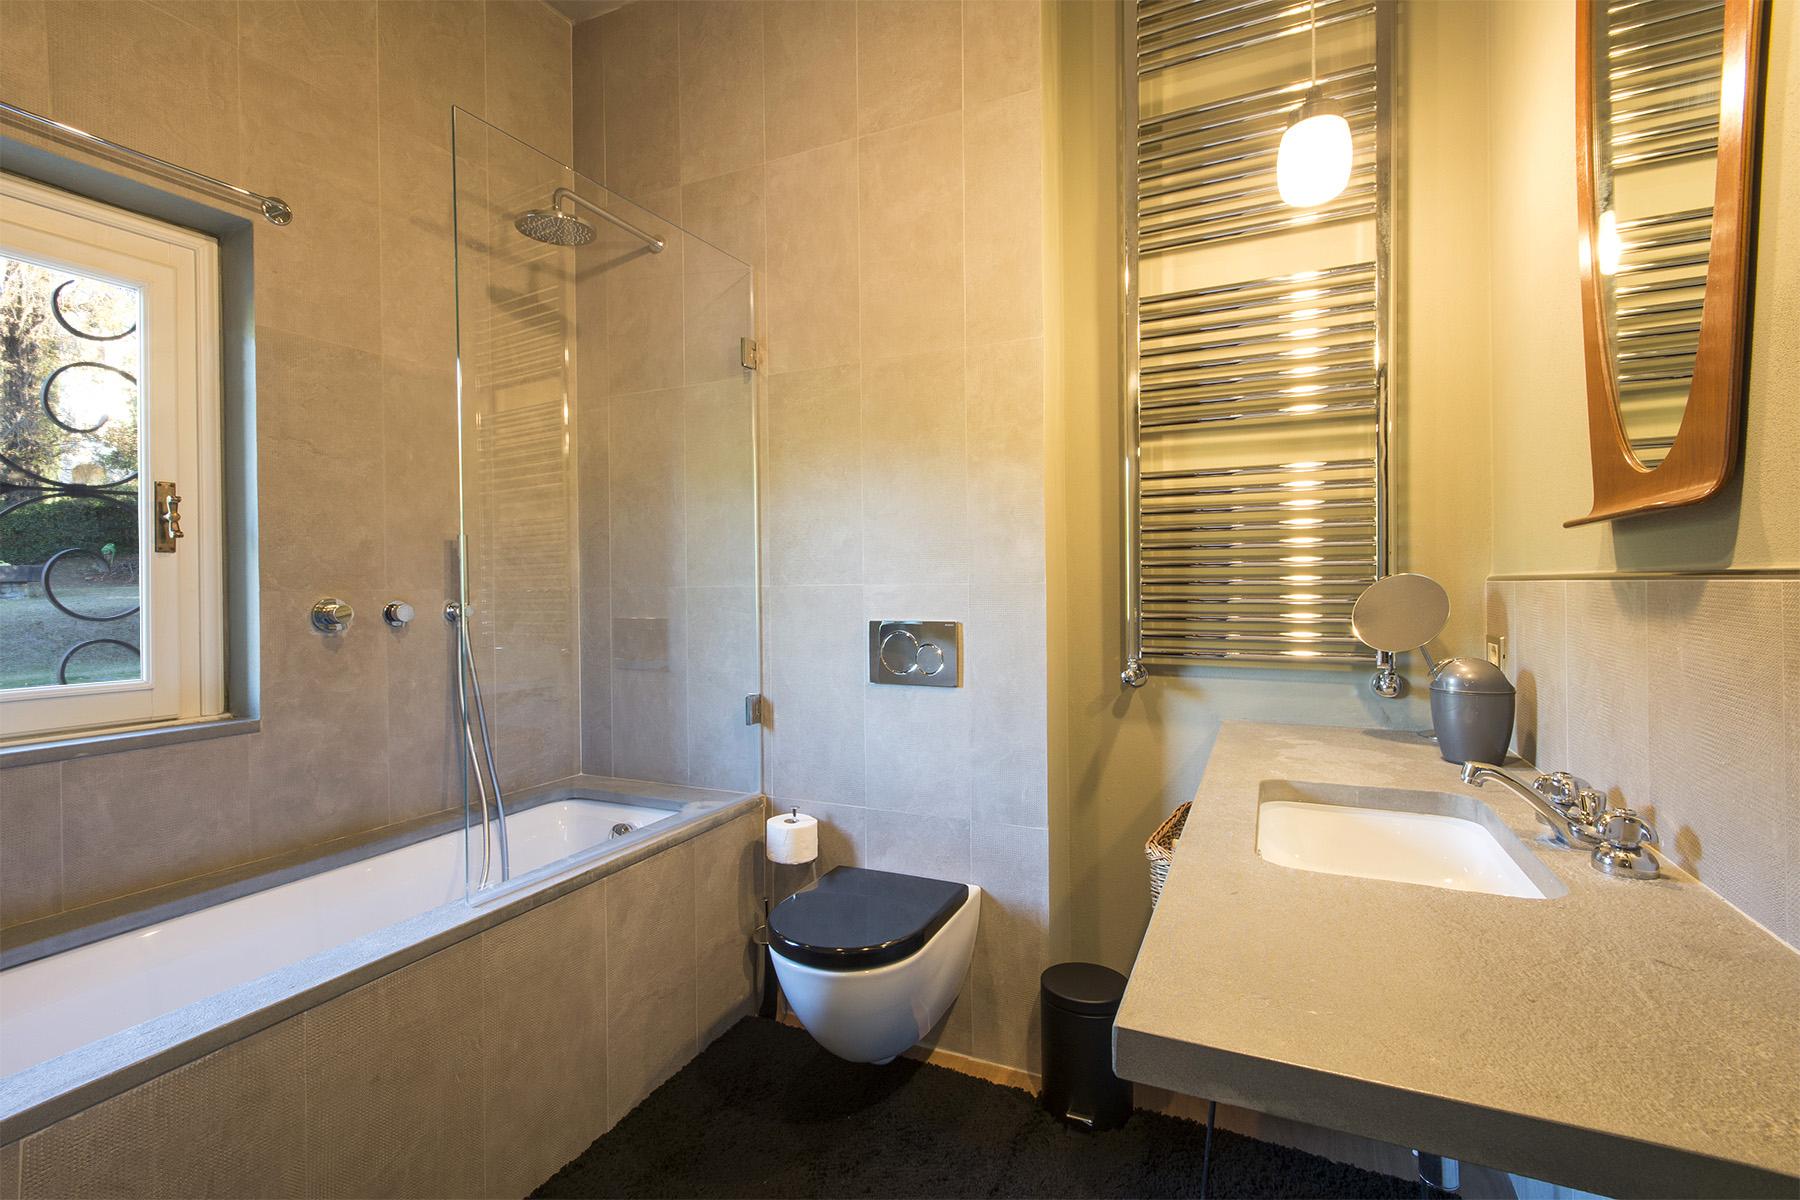 Casa indipendente in Vendita a Firenze: 5 locali, 128 mq - Foto 10